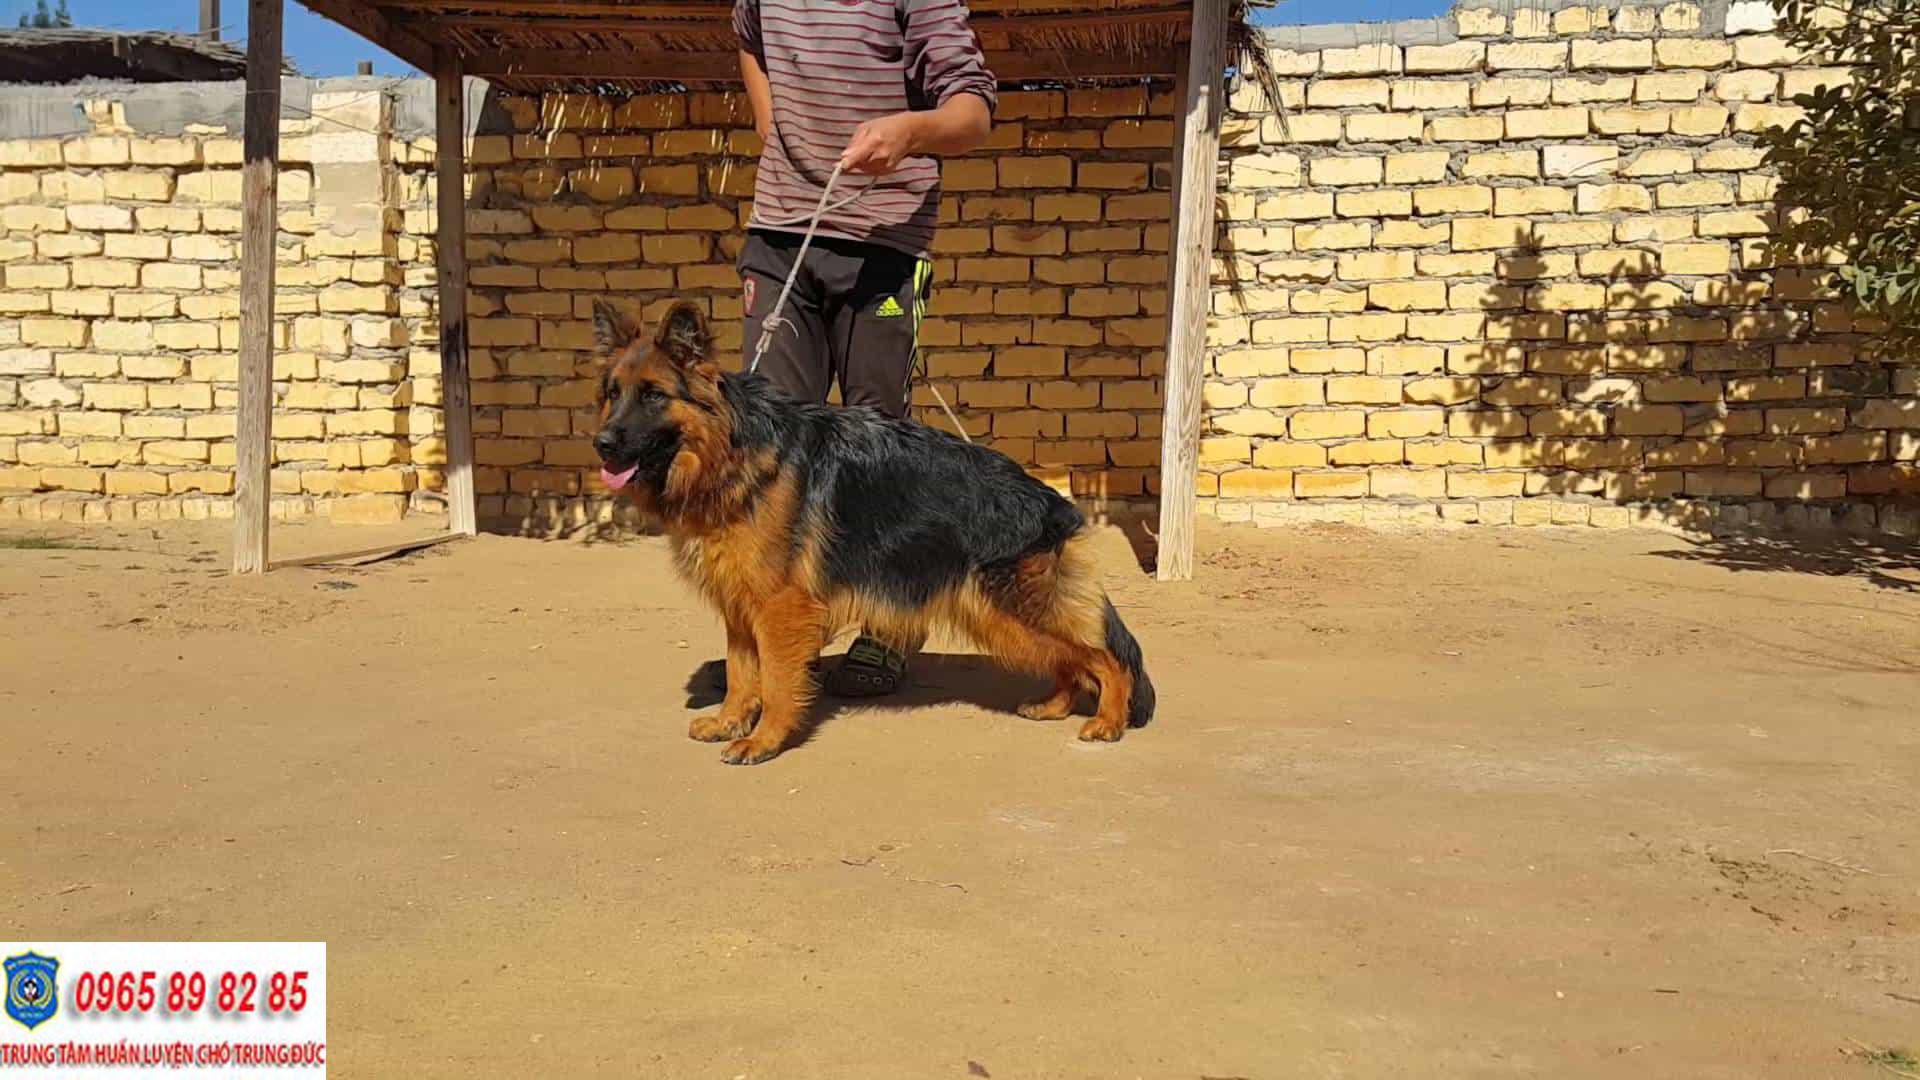 Trung tâm huấn luyện chó Quận 11